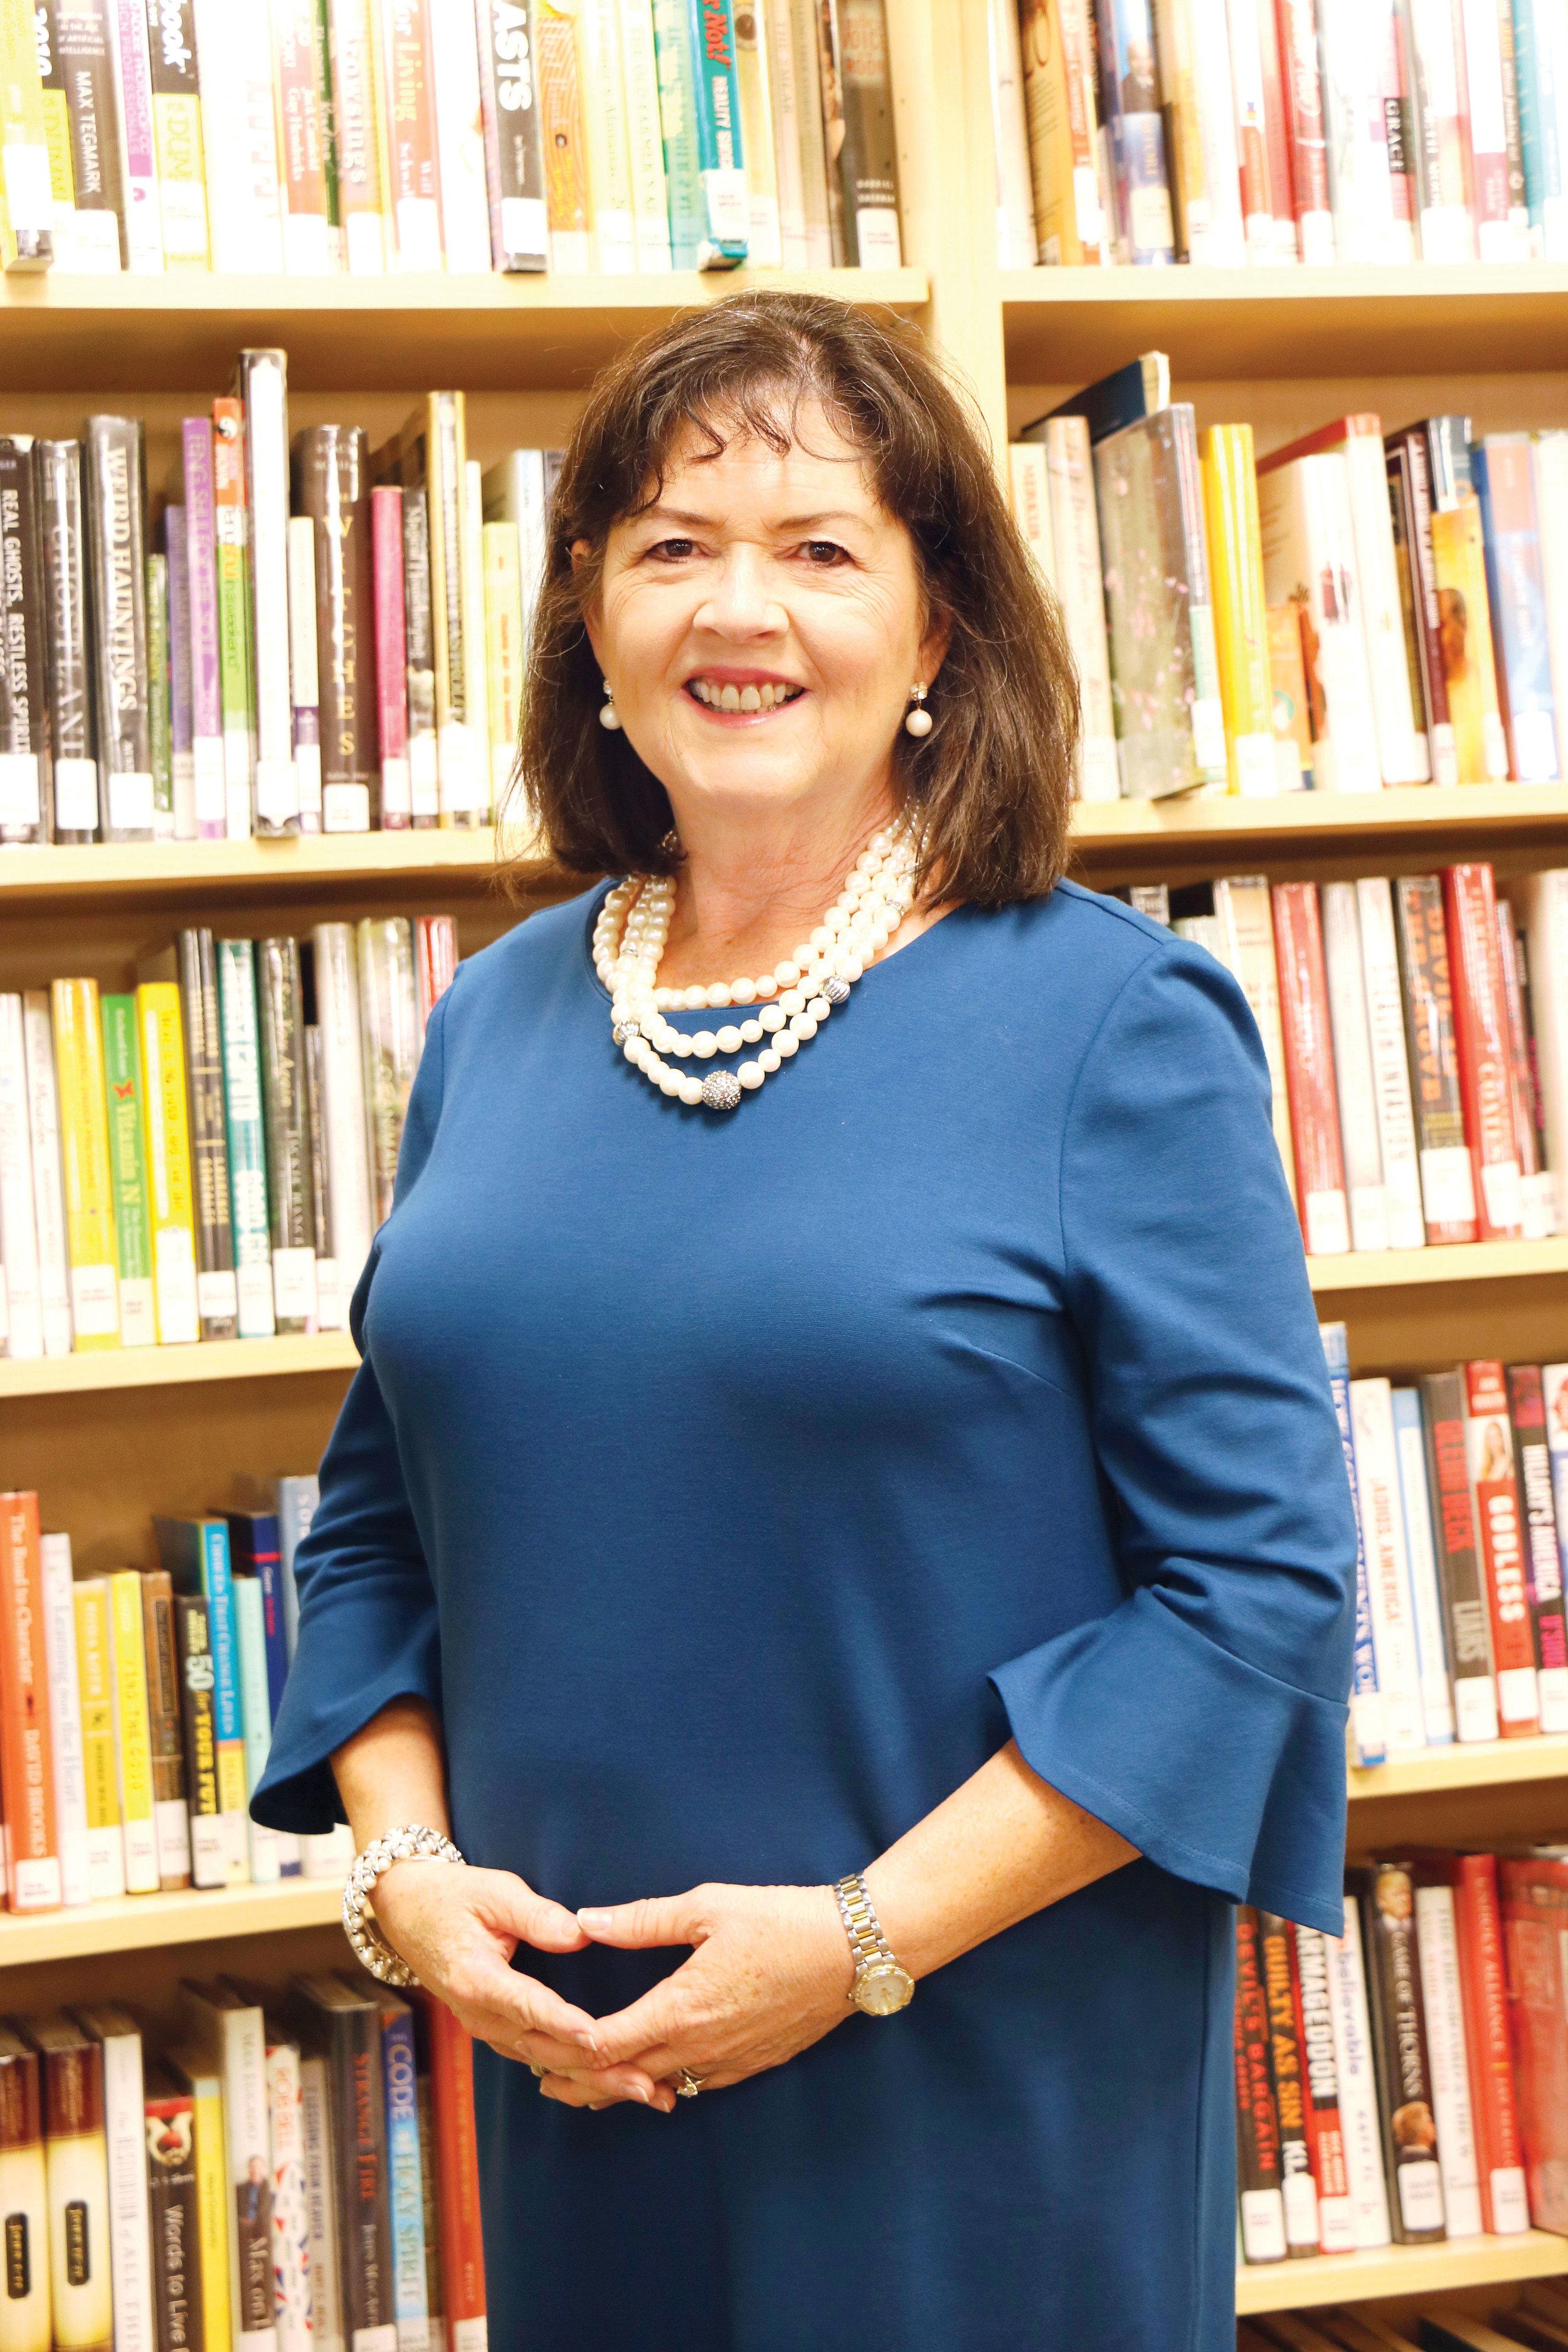 Elaine Christian